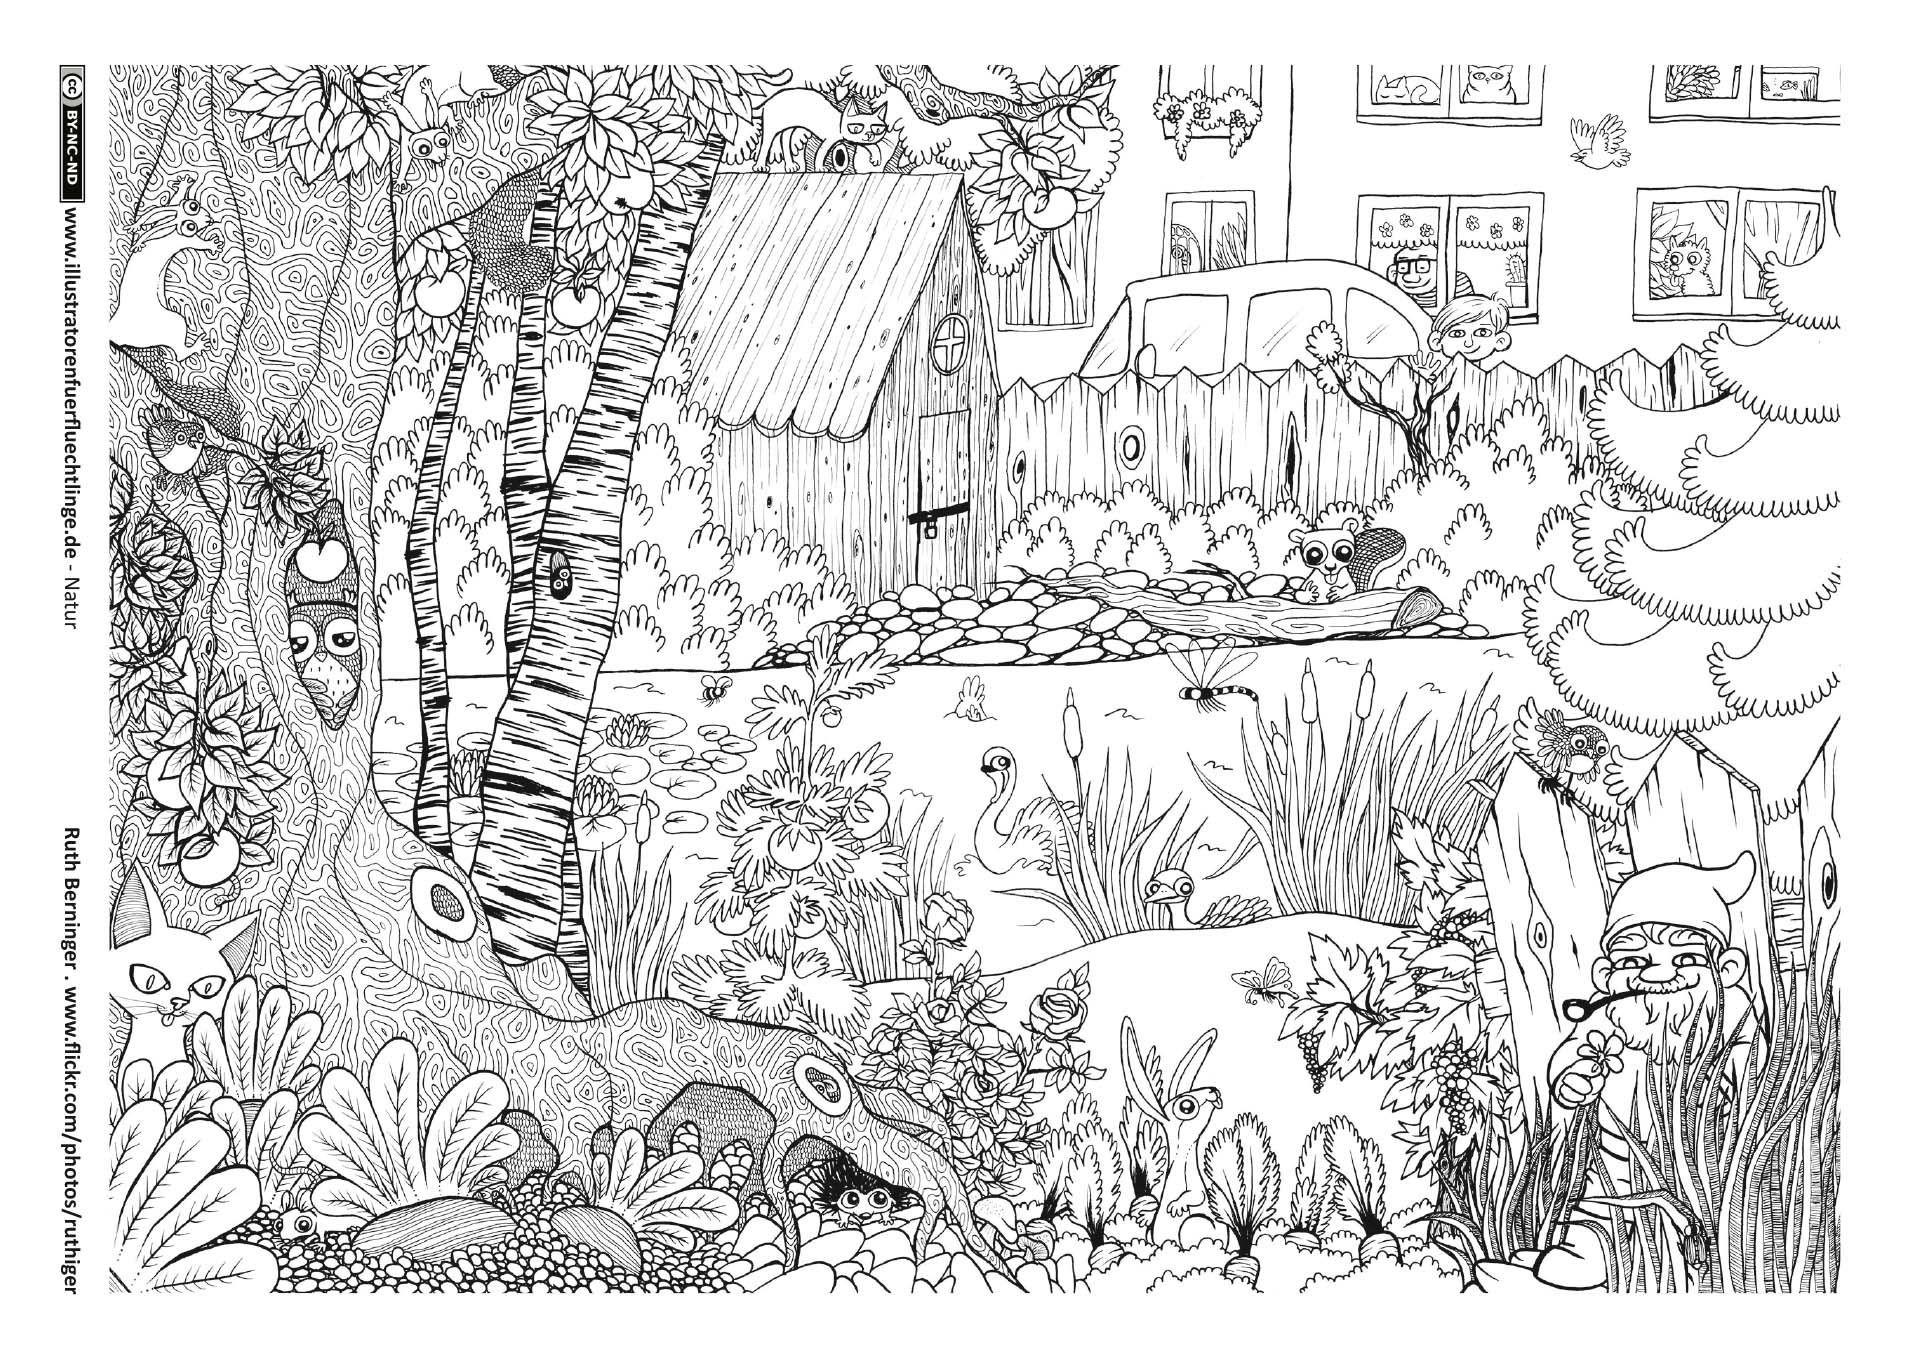 Malvorlagen Cowboy Genial Garten Tiere Wimmelbild … Xtd6 Galerie